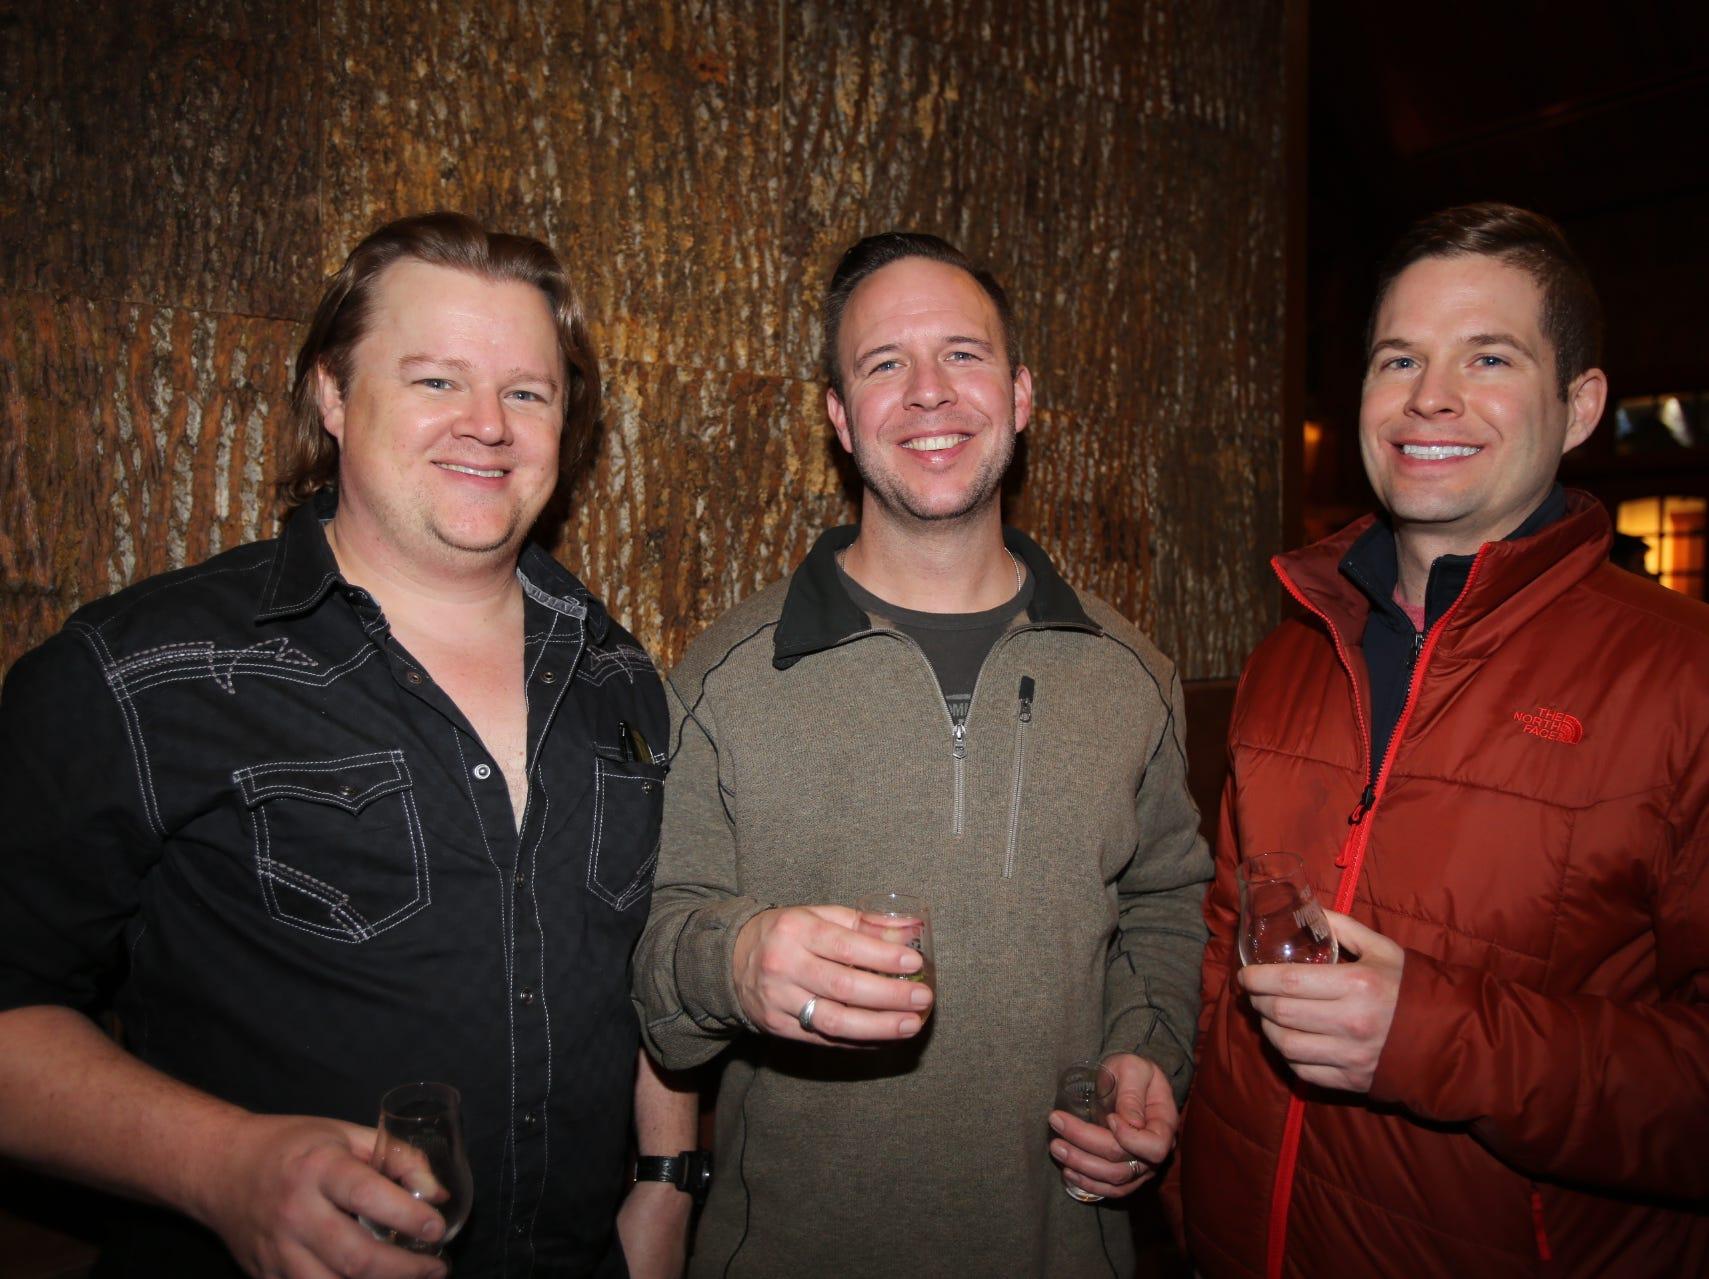 Ryan Norman, John Wittmer, and Brett Hronek